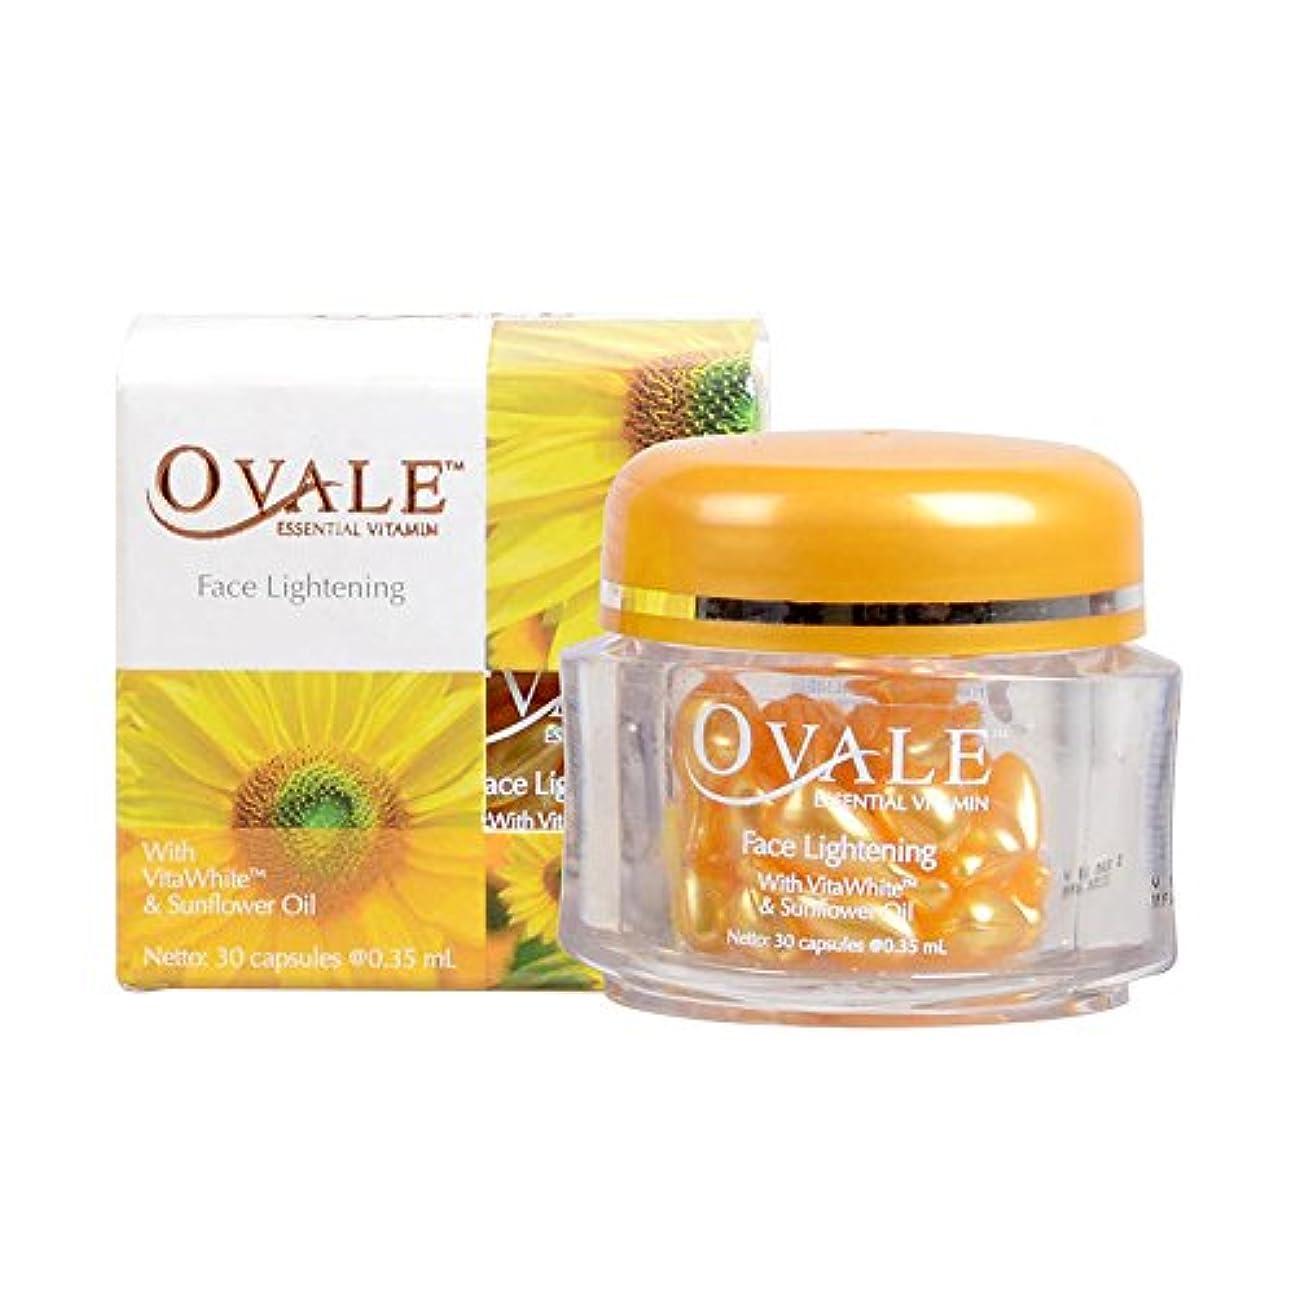 倫理的士気手錠Ovale オーバル フェイスビタミン essential vitamin 30粒入ボトル サンフラワー バリ島 bali [海外直送品]